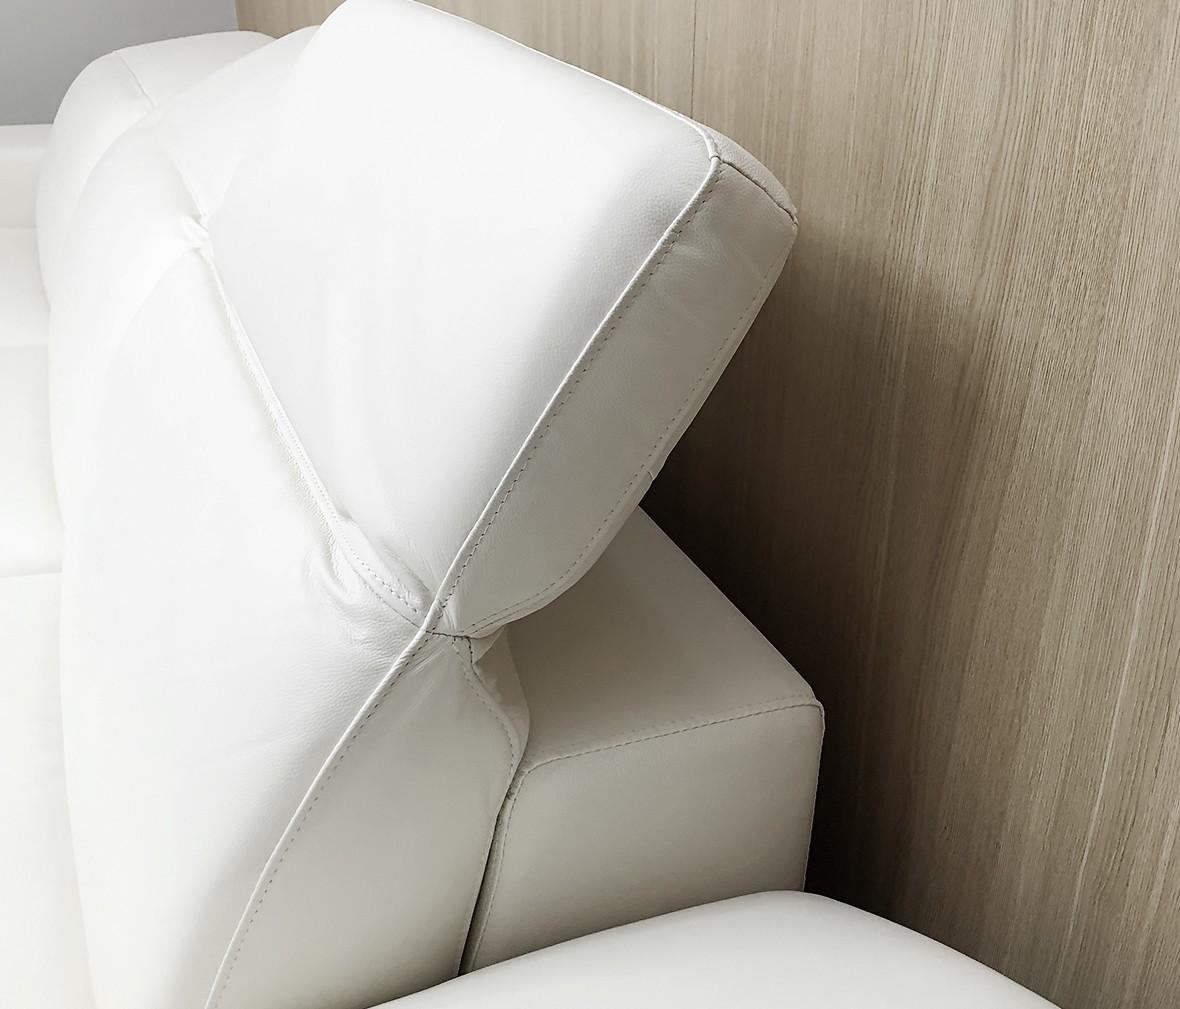 艾慕 DZ-003型号转角沙发 牛皮材质家用转角沙发 图片、价格、品牌、评测样样齐全!【蓝景商城正品行货,蓝景丽家大钟寺家居广场提货,北京地区配送,领券更优惠,线上线下同品同价,立即购买享受更多优惠哦!】